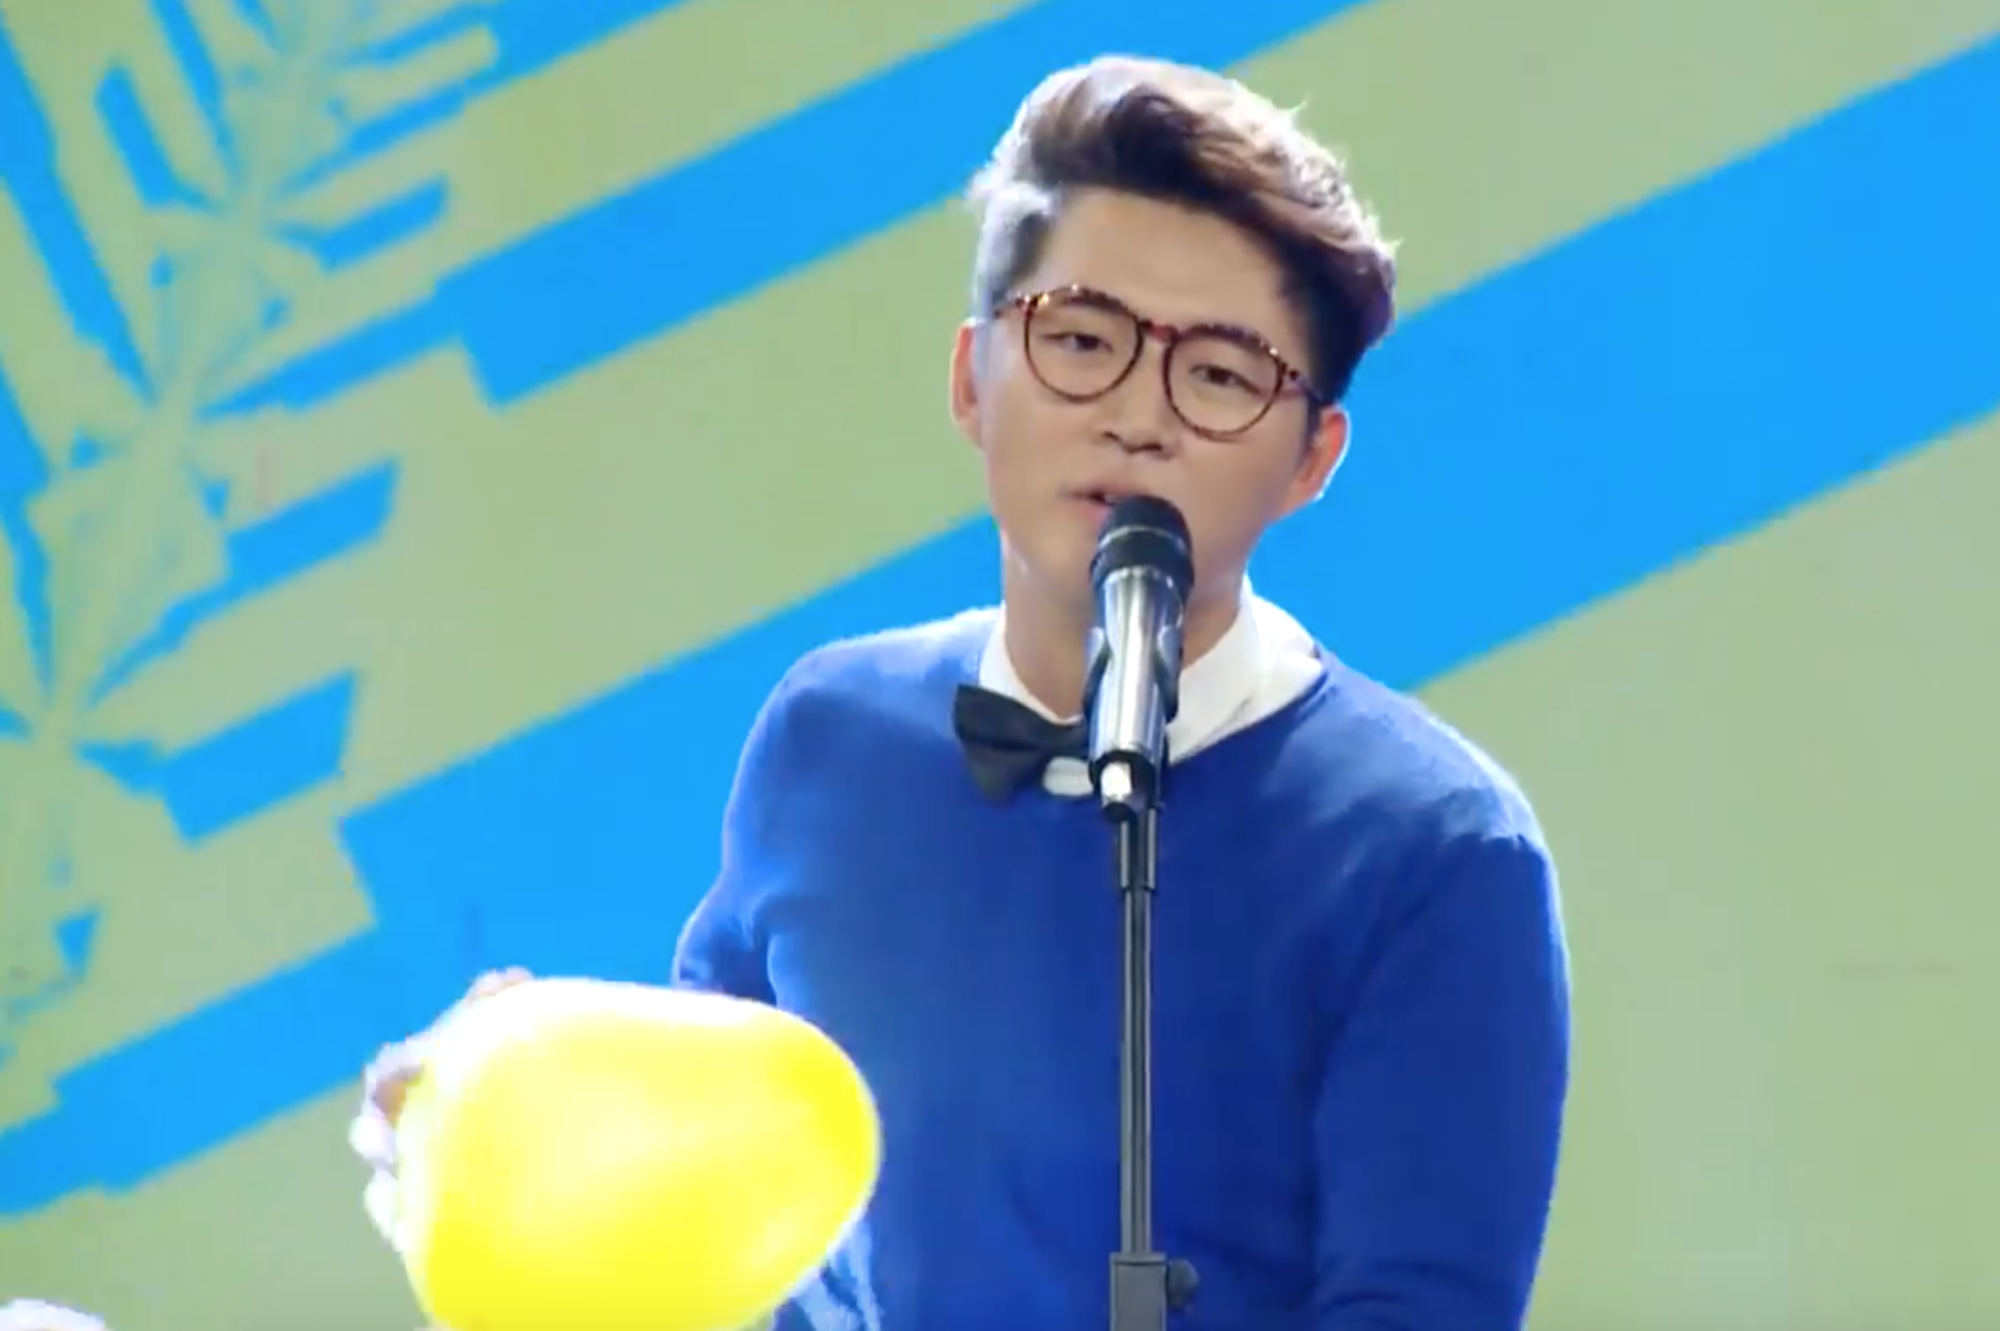 Hot boy Hàn Quốc tỏ tình thành công tại Vì yêu mà đến hóa ra cũng khá nổi từ trước rồi! - Ảnh 4.